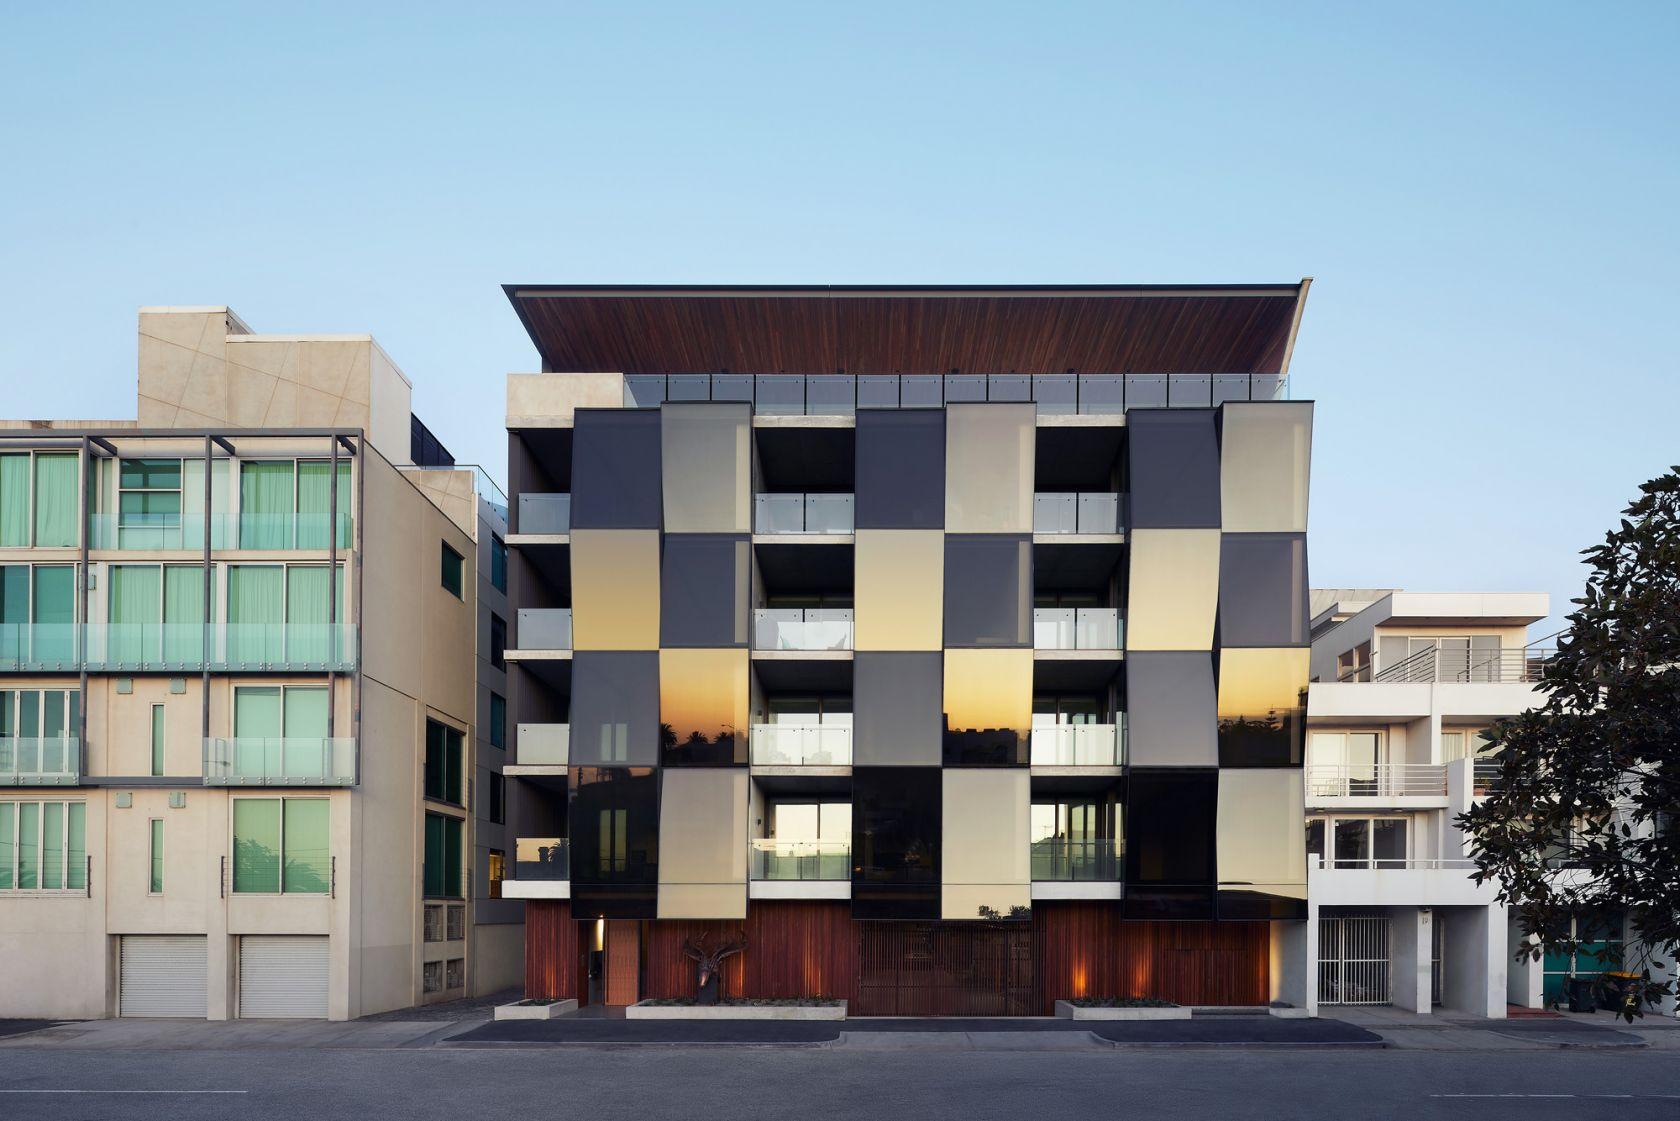 alumuna-residences-melbourne-facade